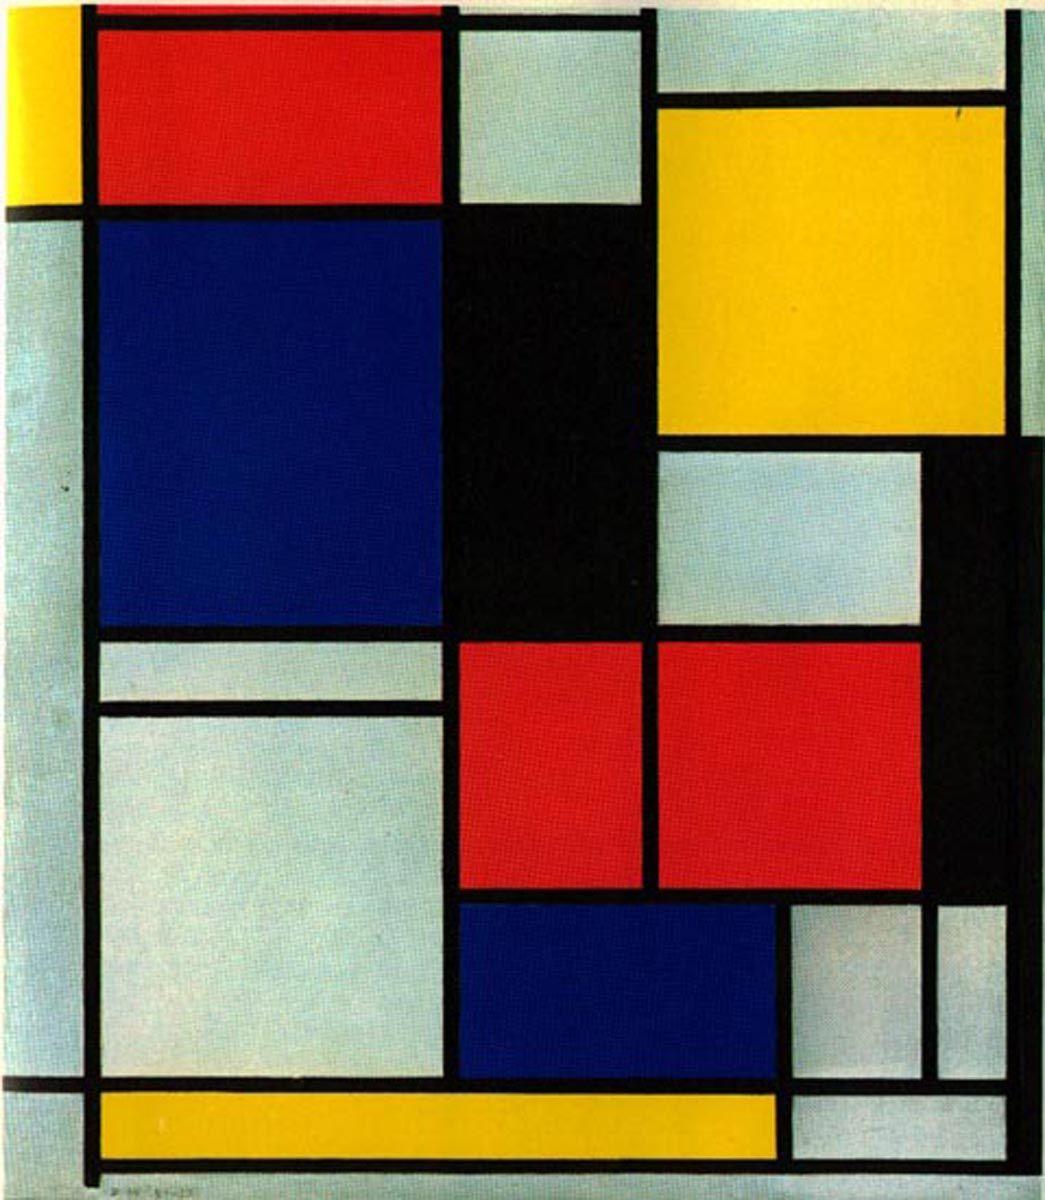 Mondrian Tableau 1921 Painting Reproduction On Artclon For Sale ...